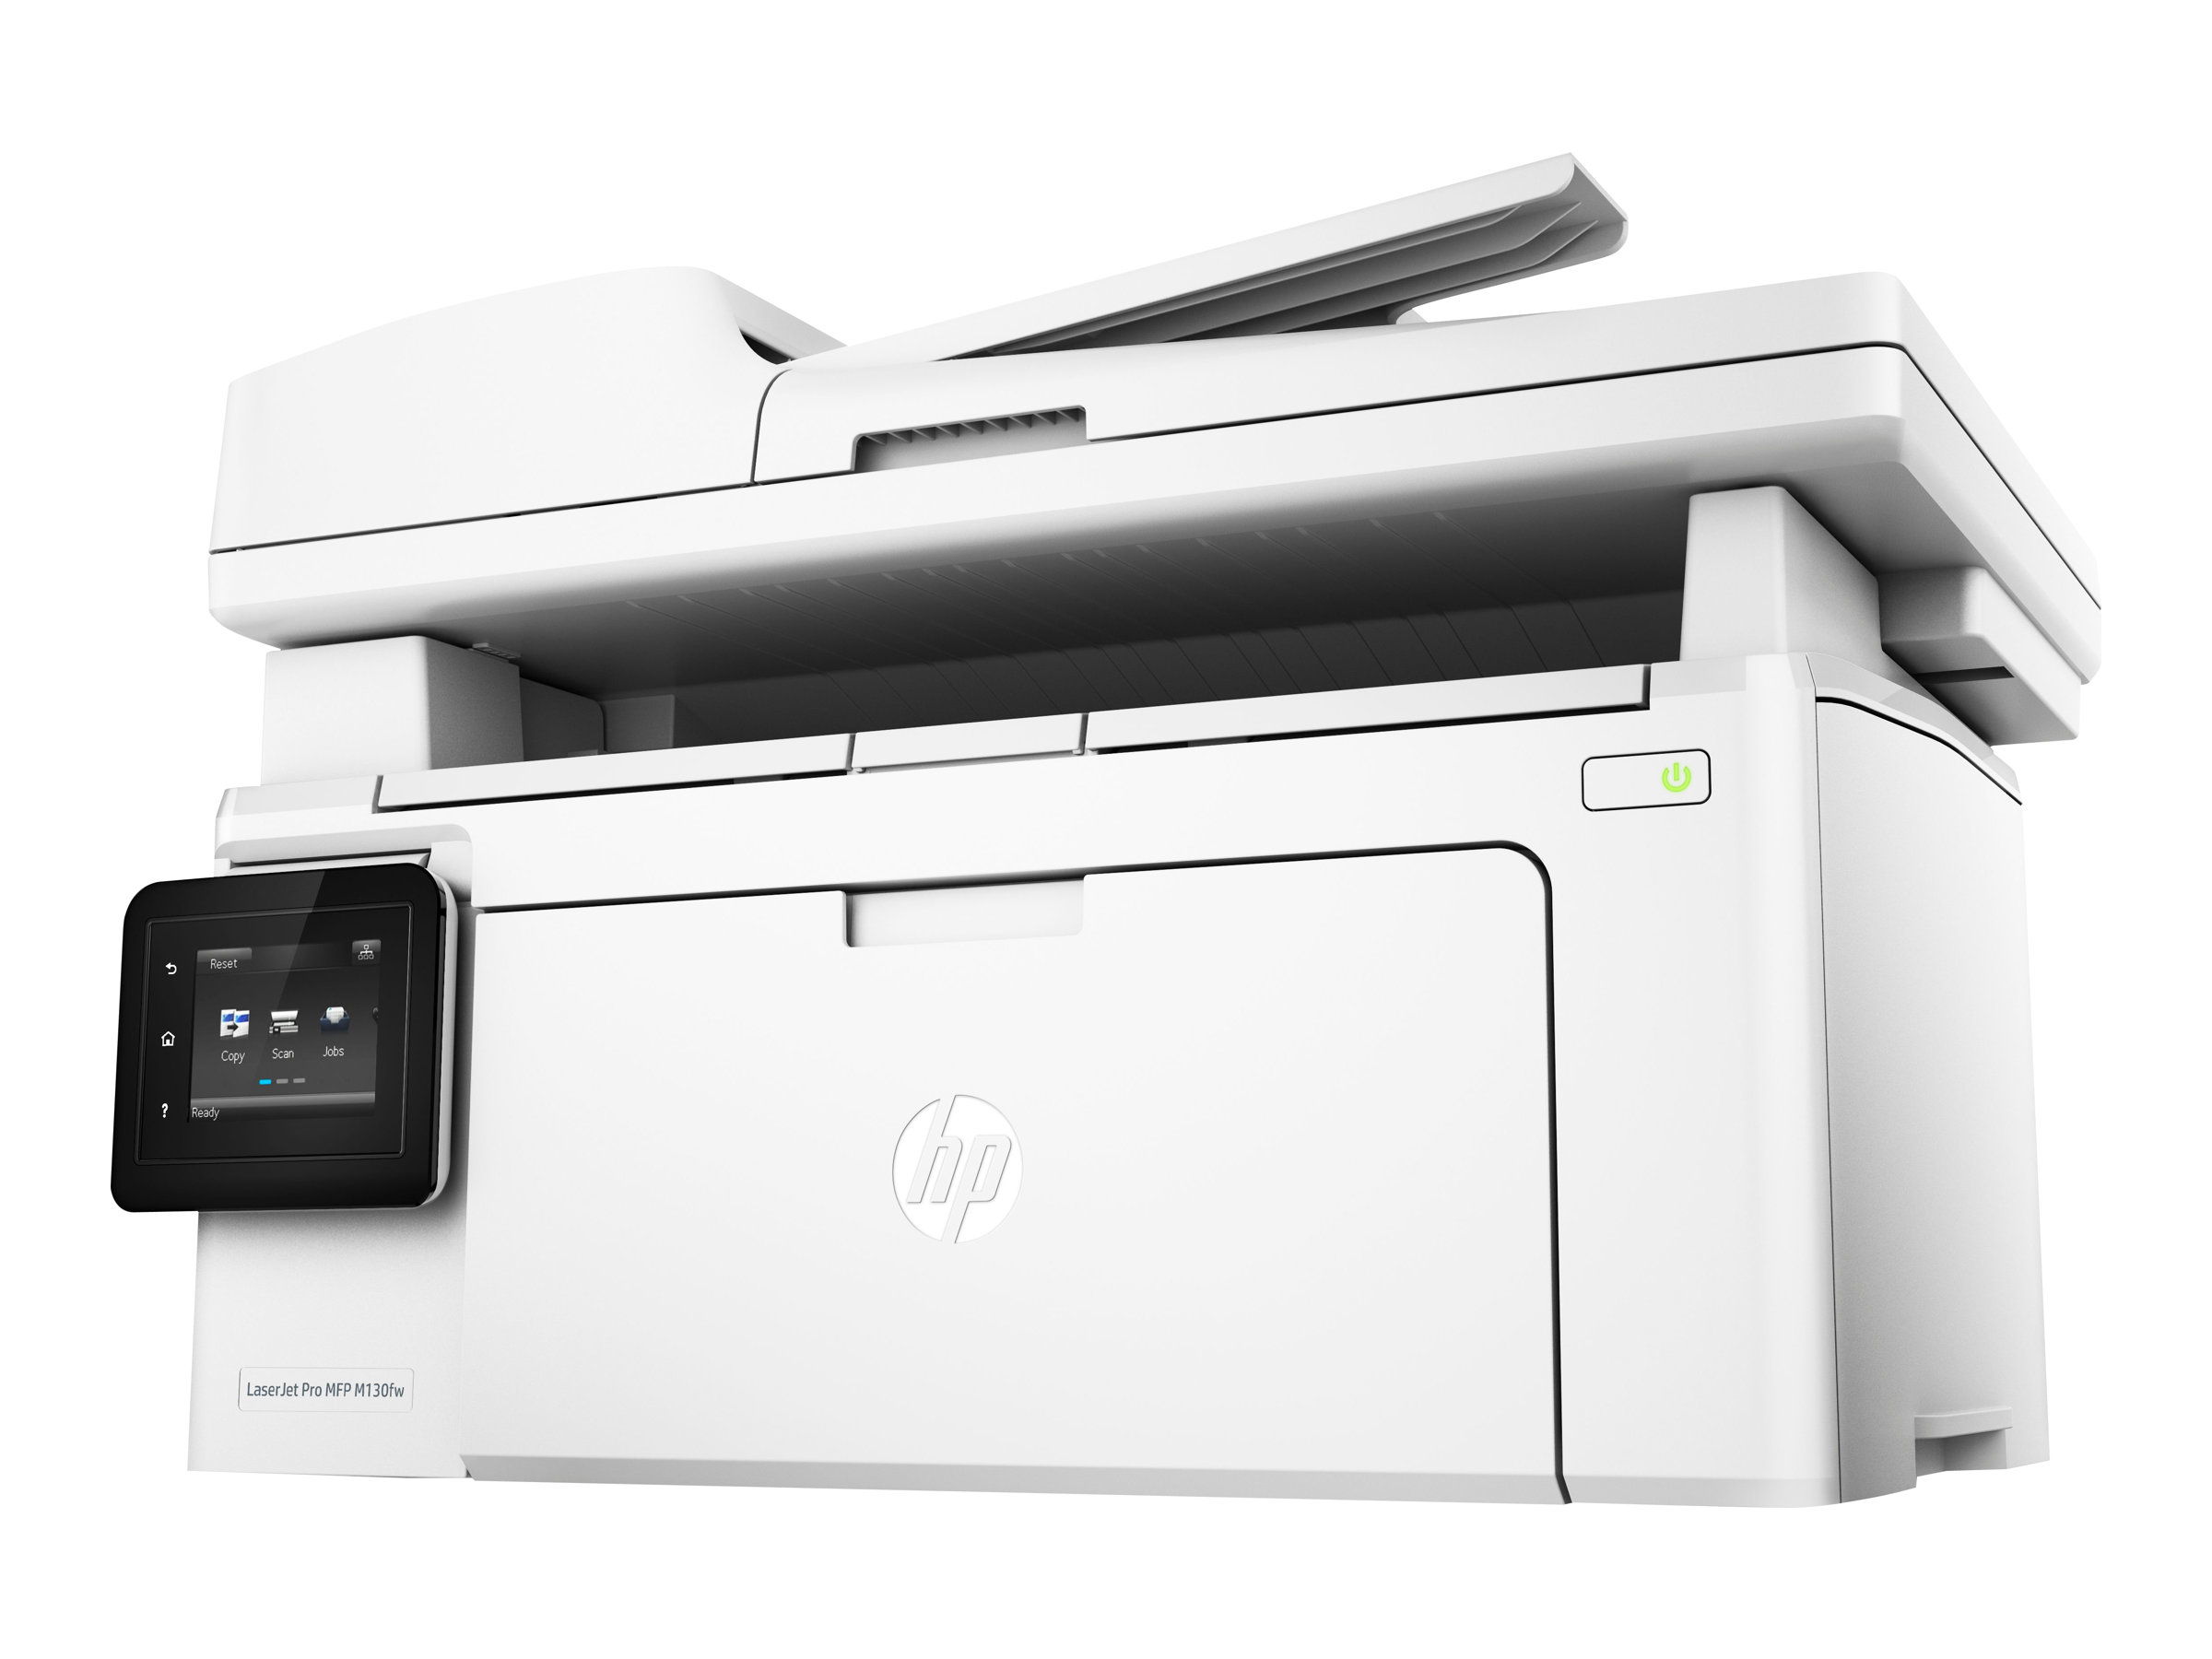 HP LaserJet Pro MFP M130fw - Multifunktionsdrucker - s/w - Laser - 215.9 x 297.2 mm (Original)